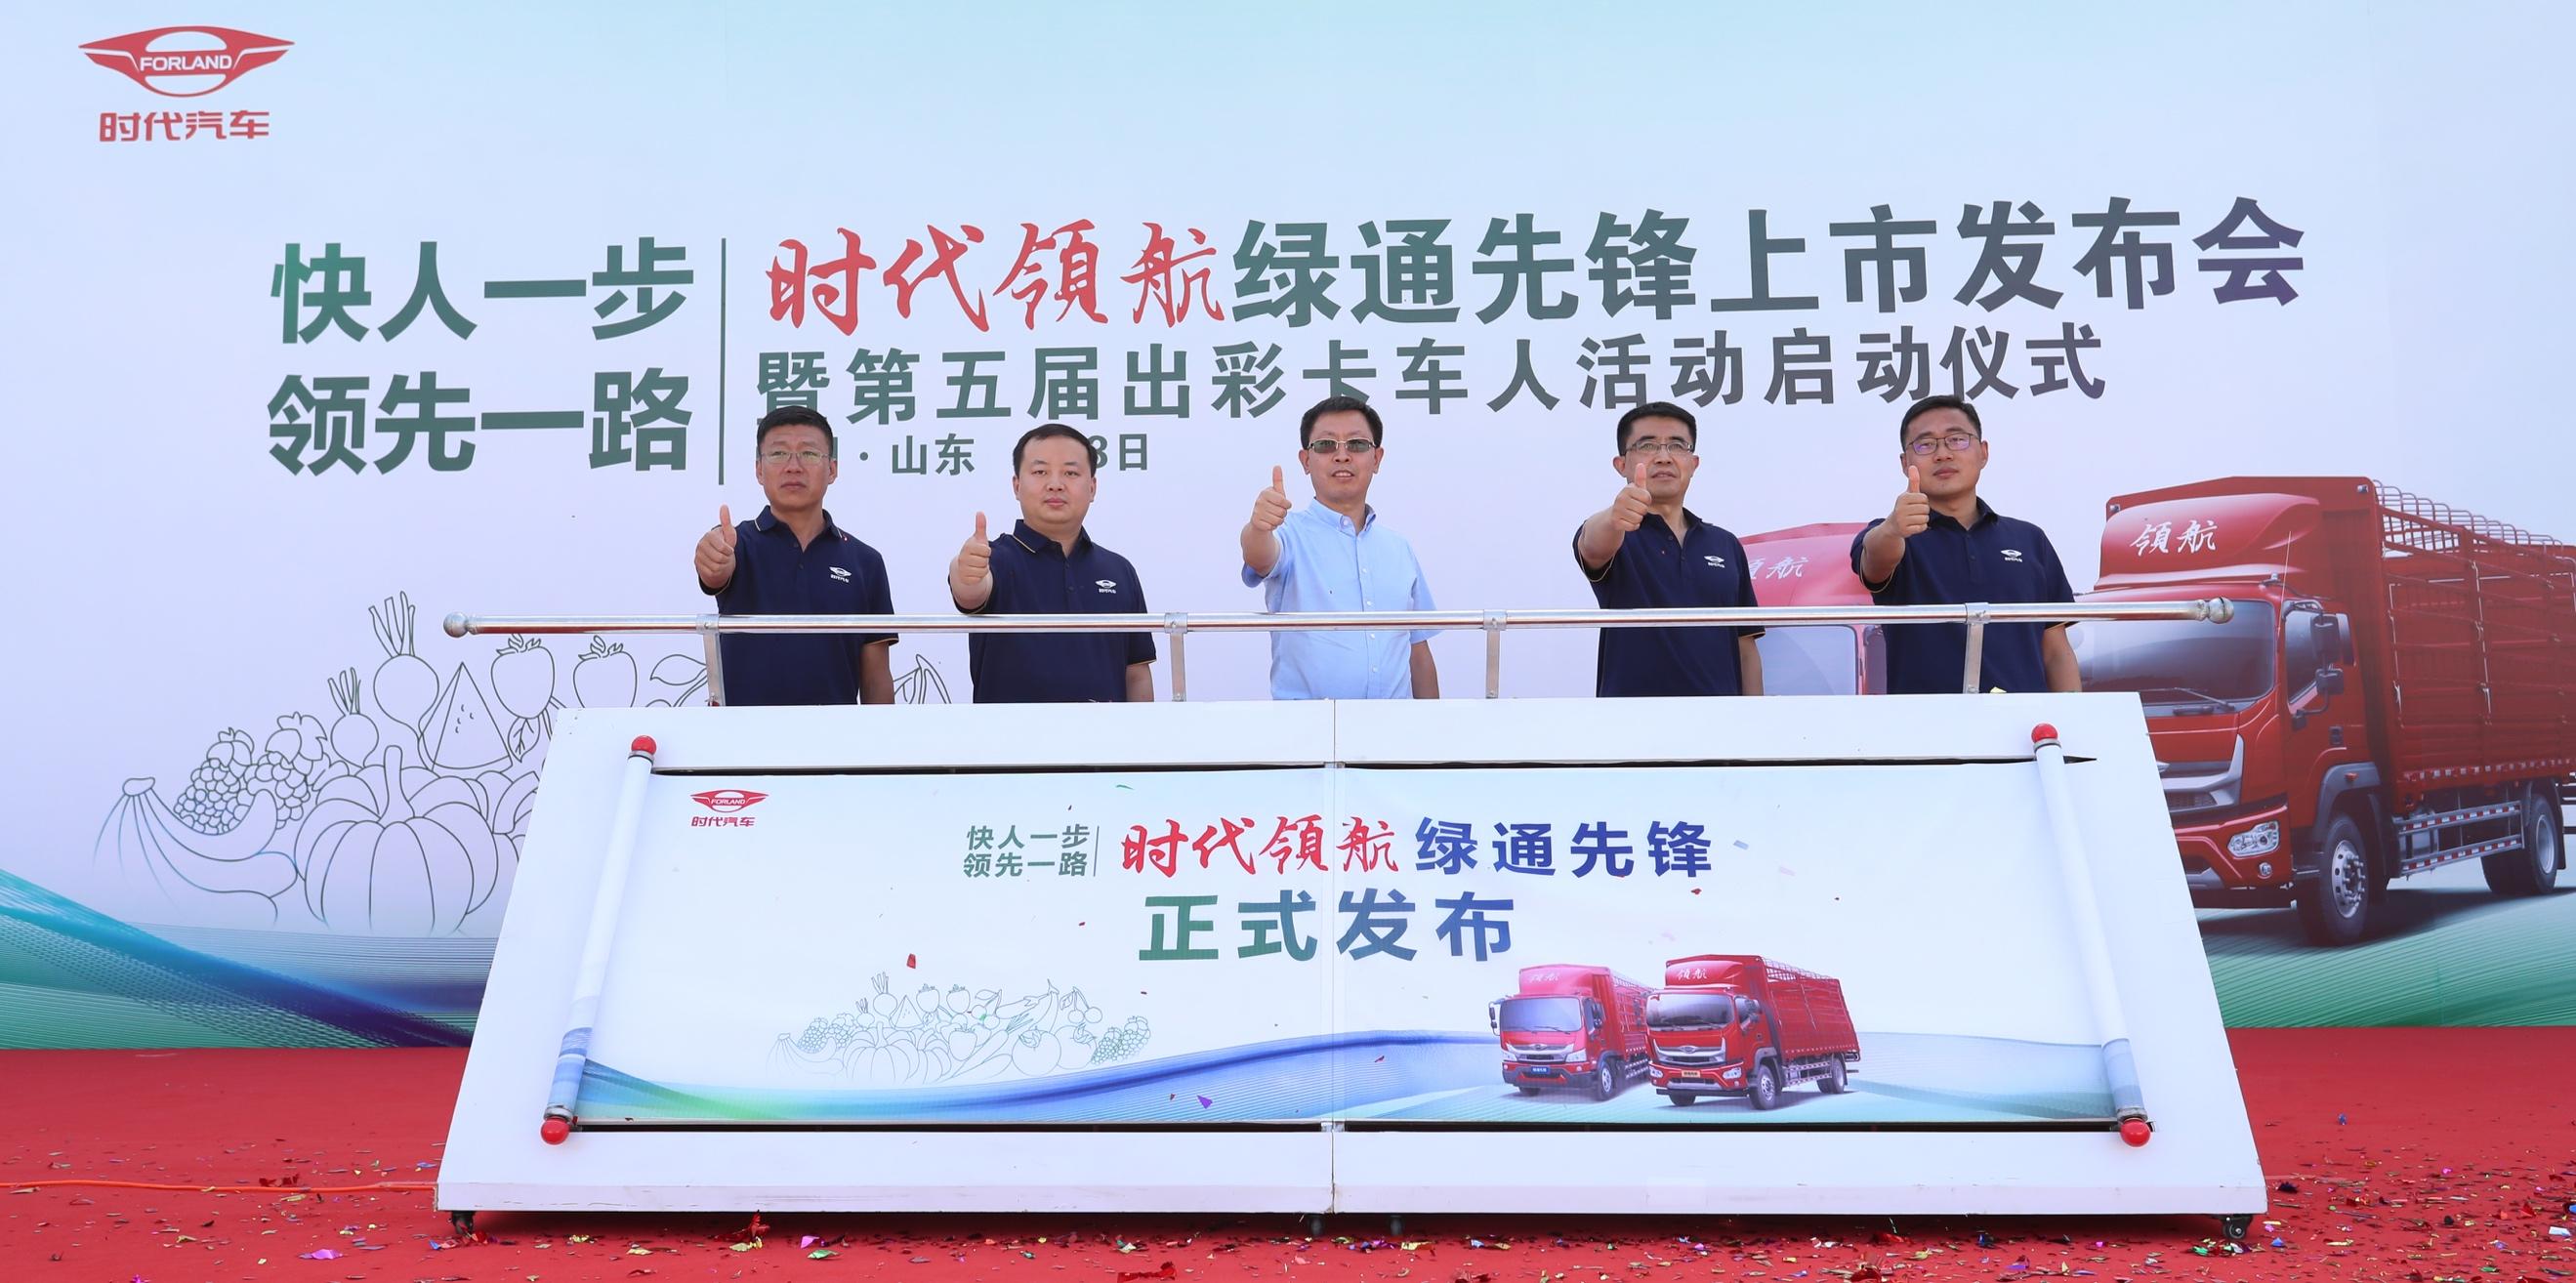 时代领航绿通先锋上市暨第五届出彩卡车人活动启动